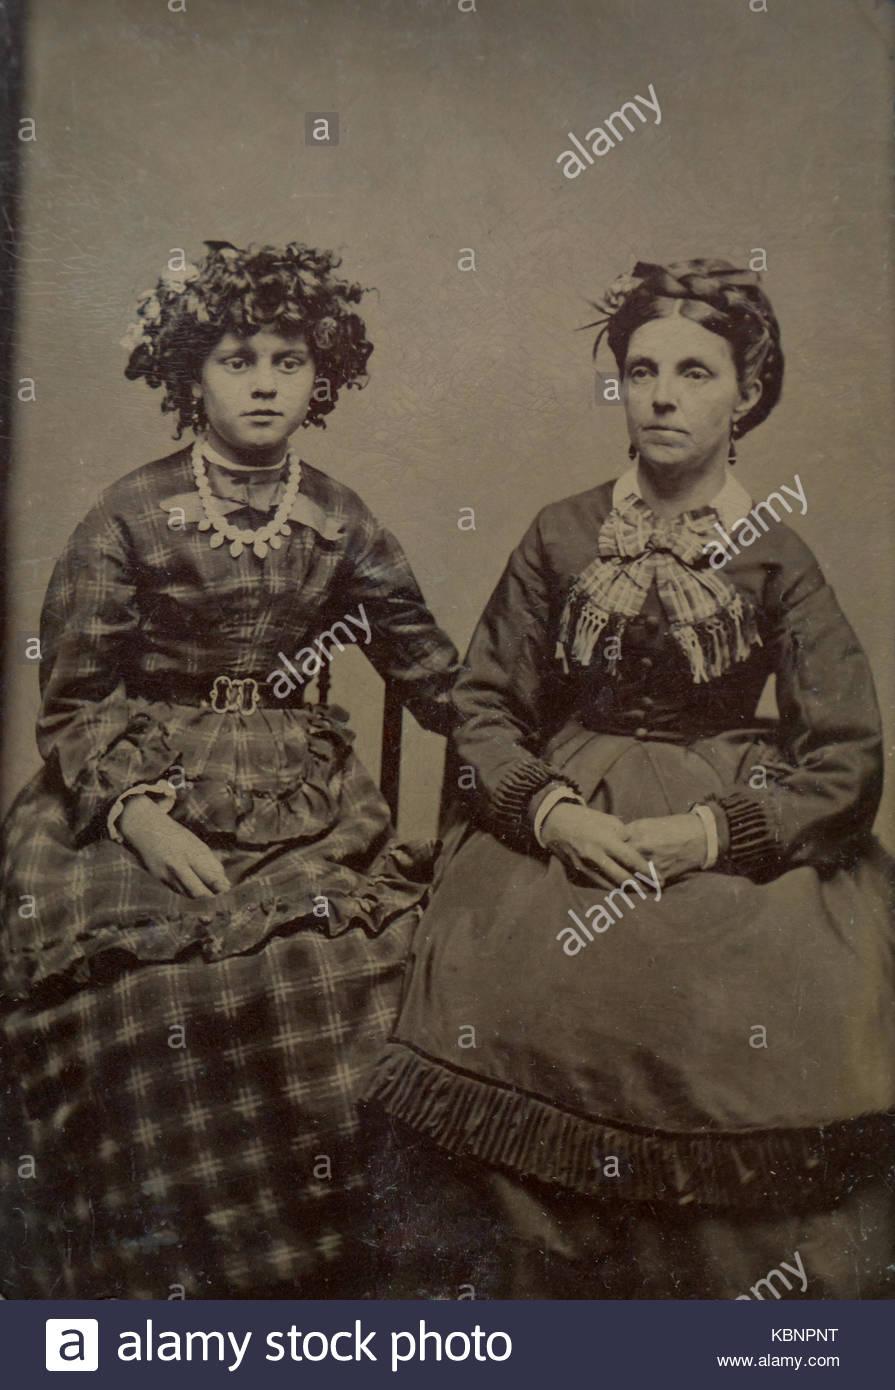 Archive américaine studio monochrome photo portrait sur plaque ferrotype  d une femme et sa fille d67136706dd